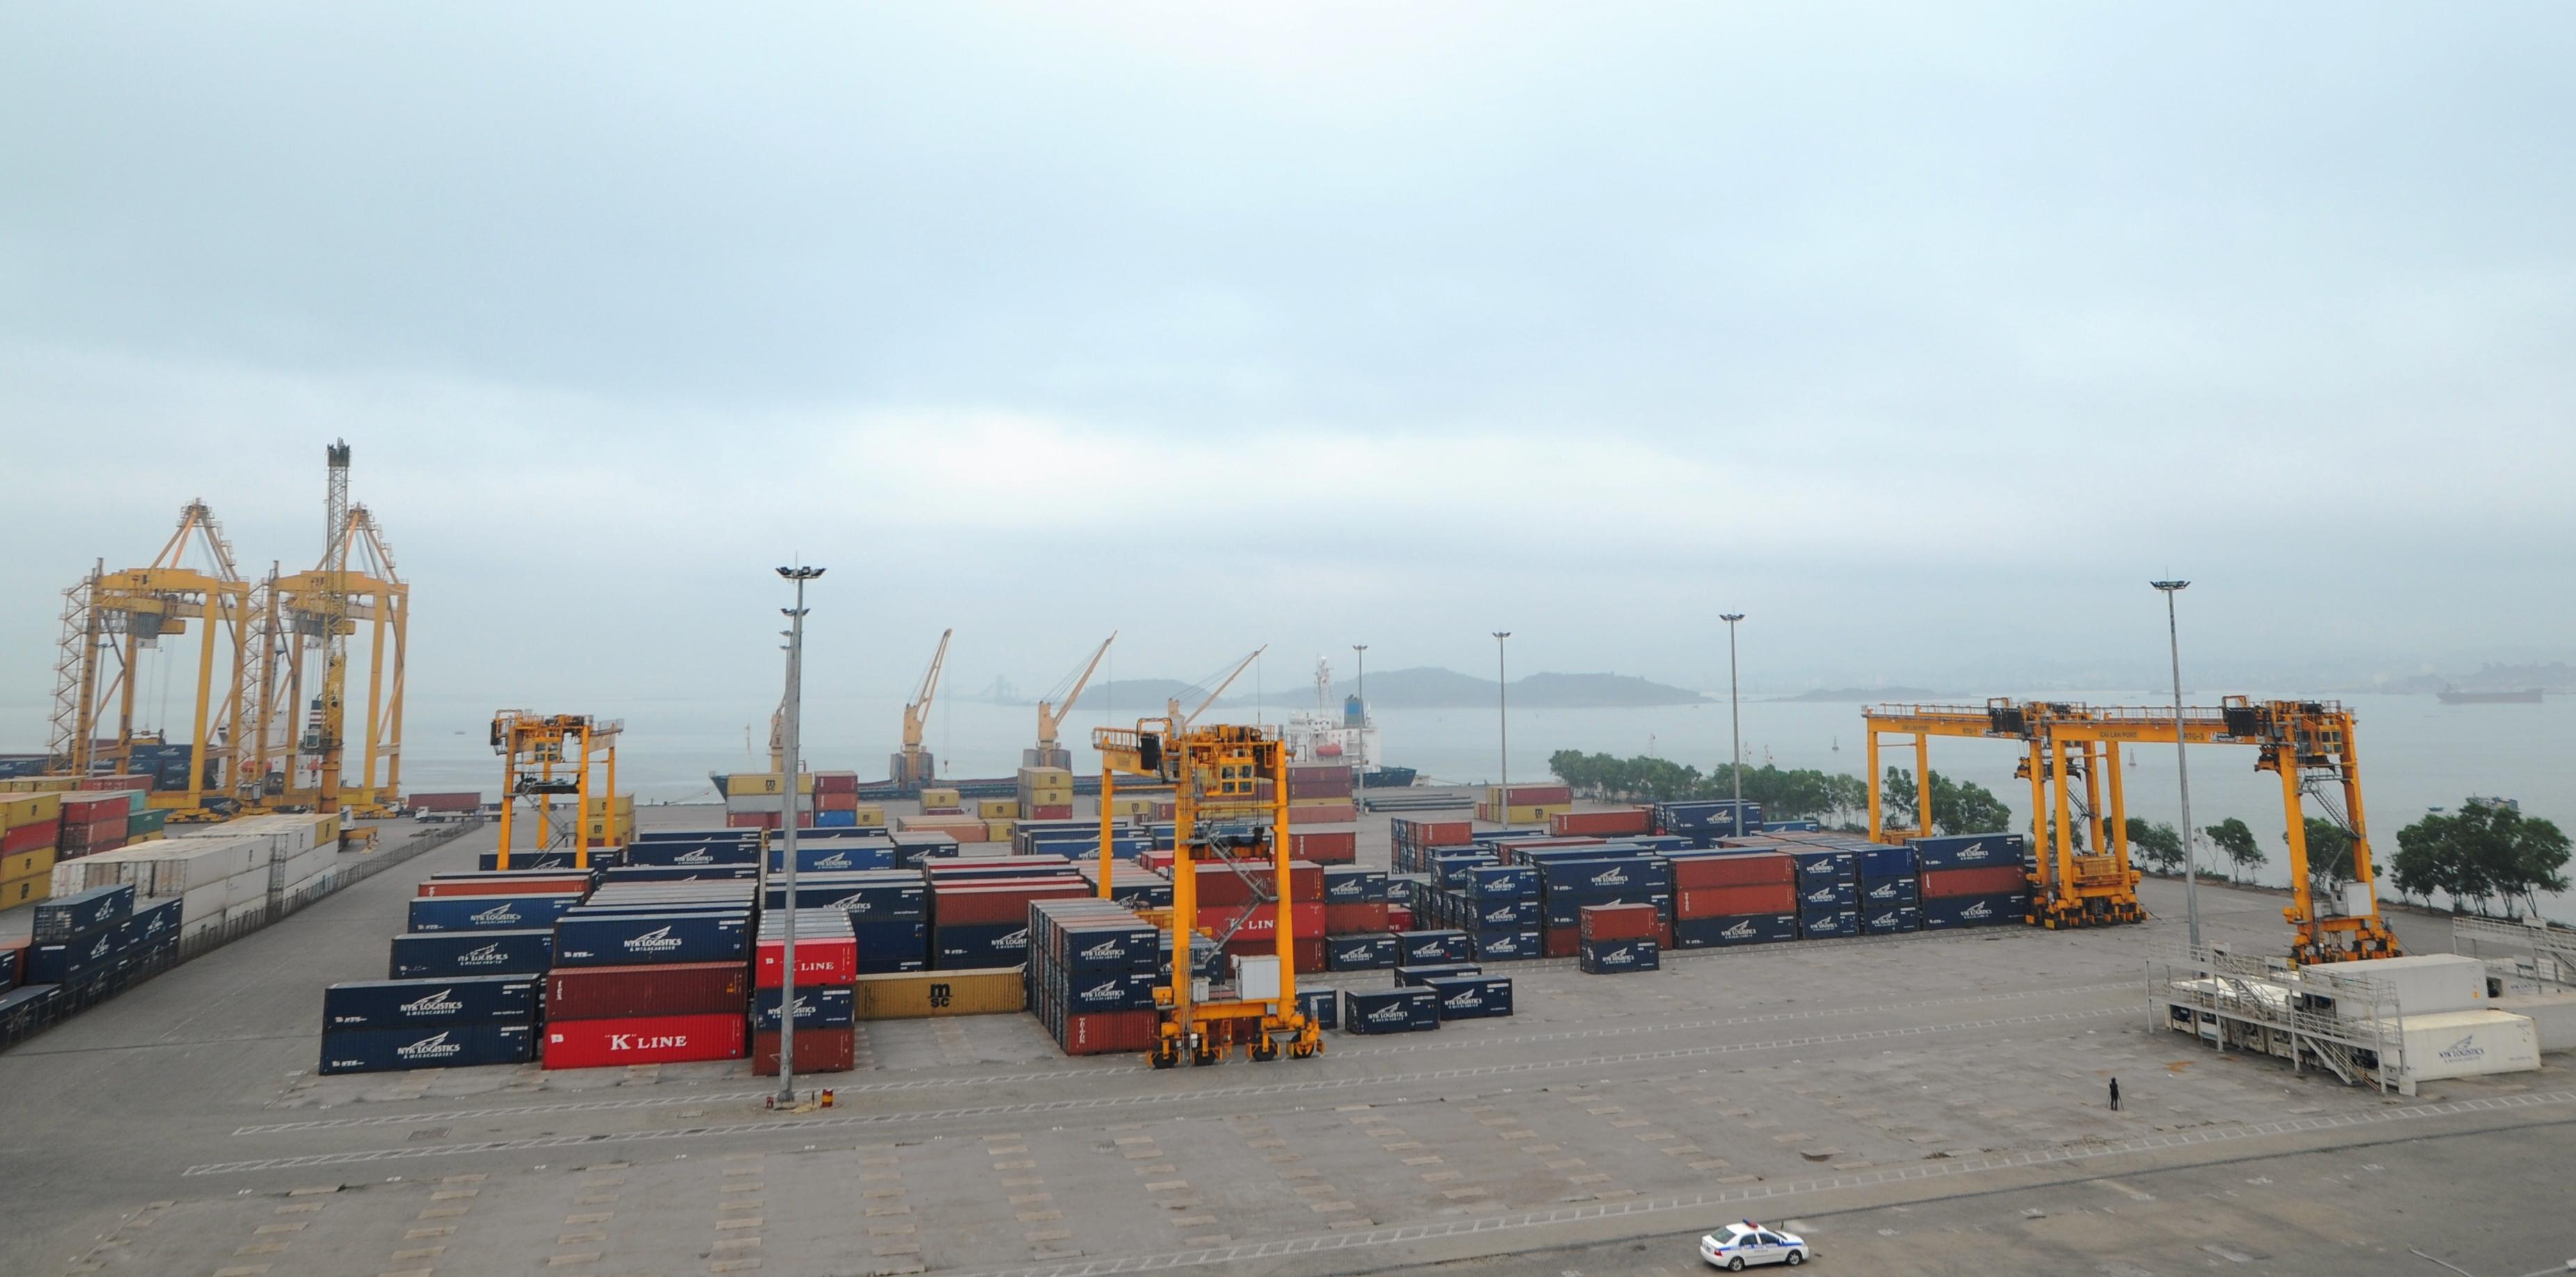 Hàng hoá nhập khẩu từ Cu Ba được áp dụng biểu thuế nhập khẩu ưu đãi từ 20 5